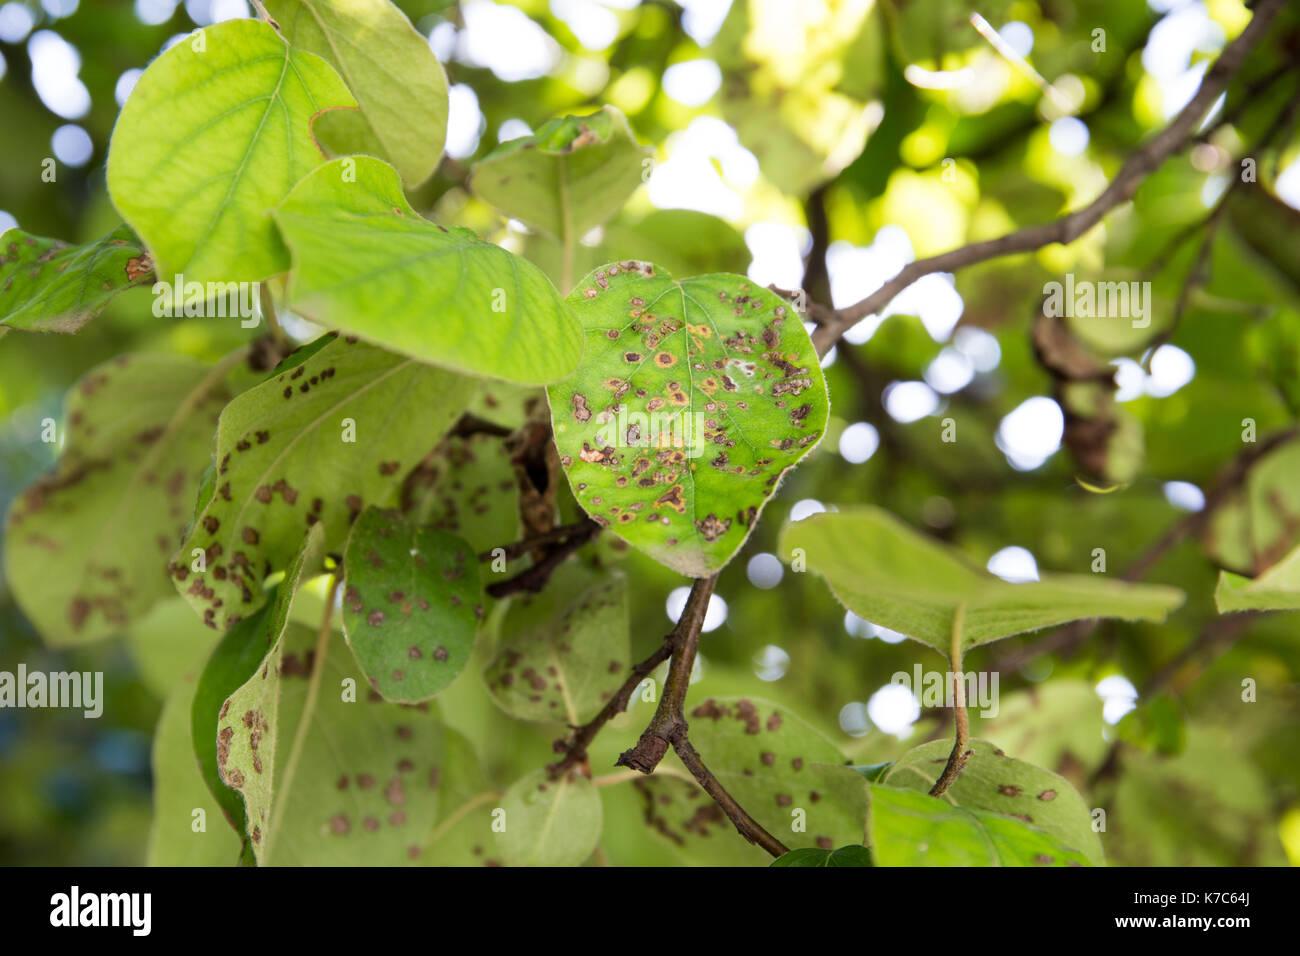 Quitte Blattfleckenkrankheit close-up. Cydonia oblonga betroffen von diplocarpon mespili. Dunkle Flecken auf Laub, Blatt-stelle Krankheit. Stockbild